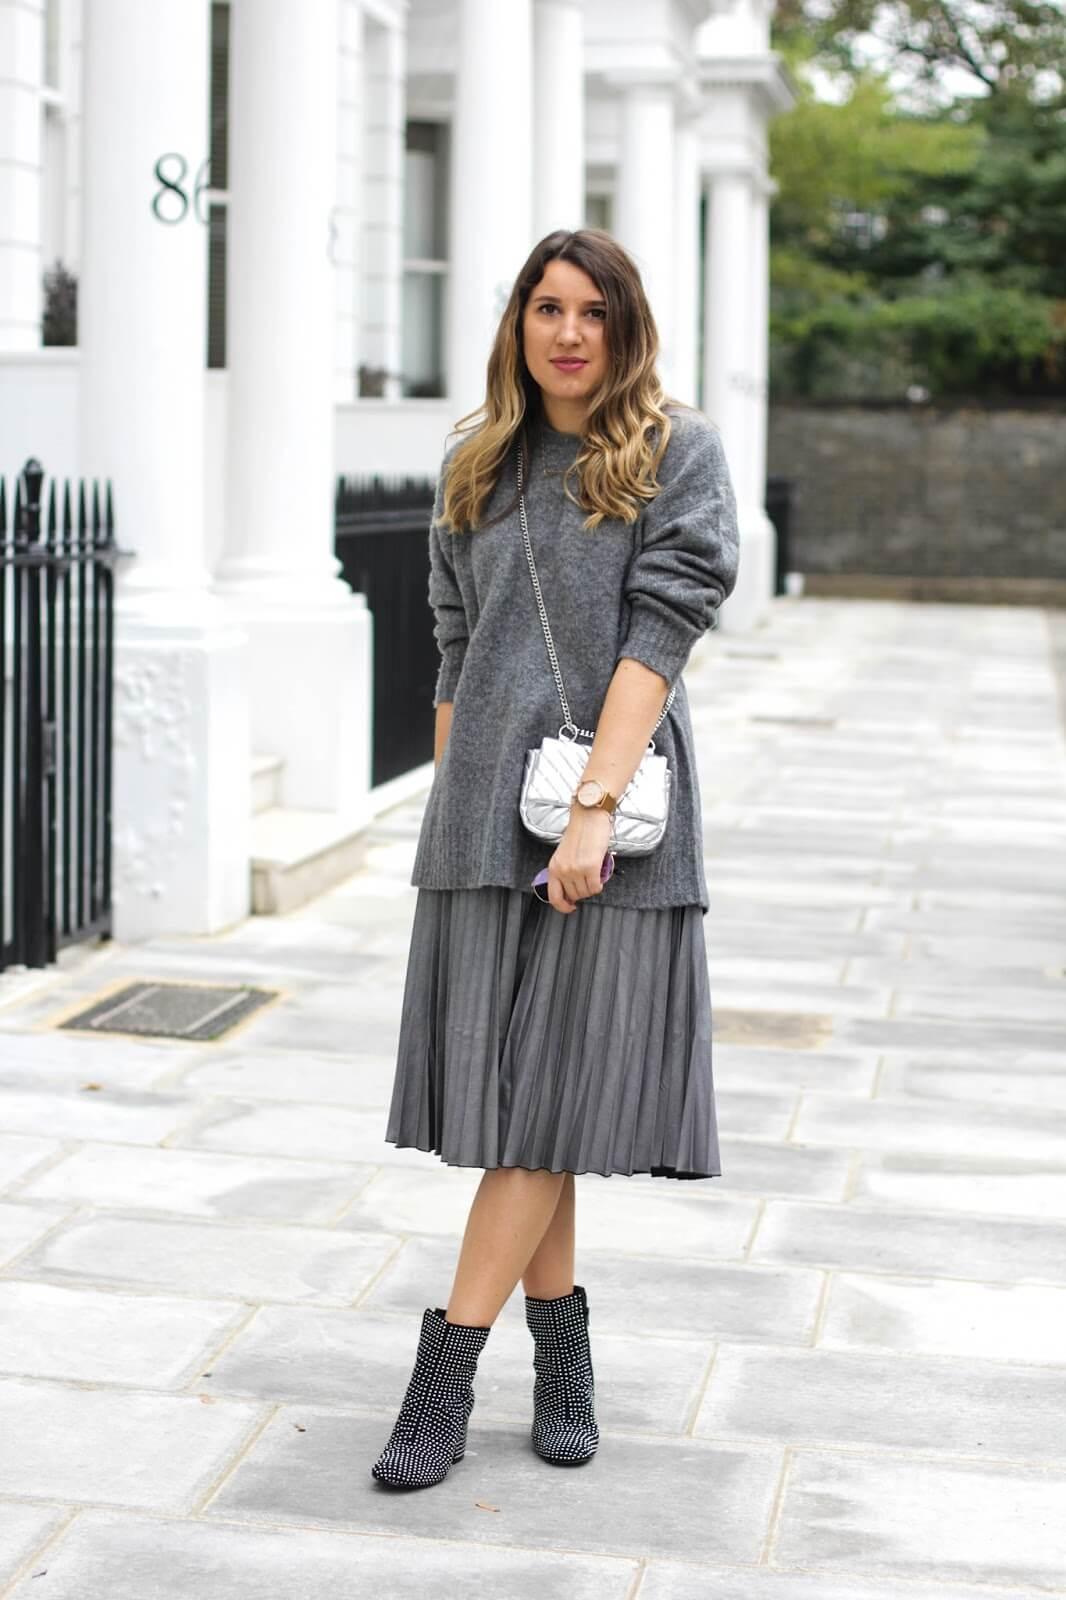 серая юбка плиссе с серым свитером с чем носить